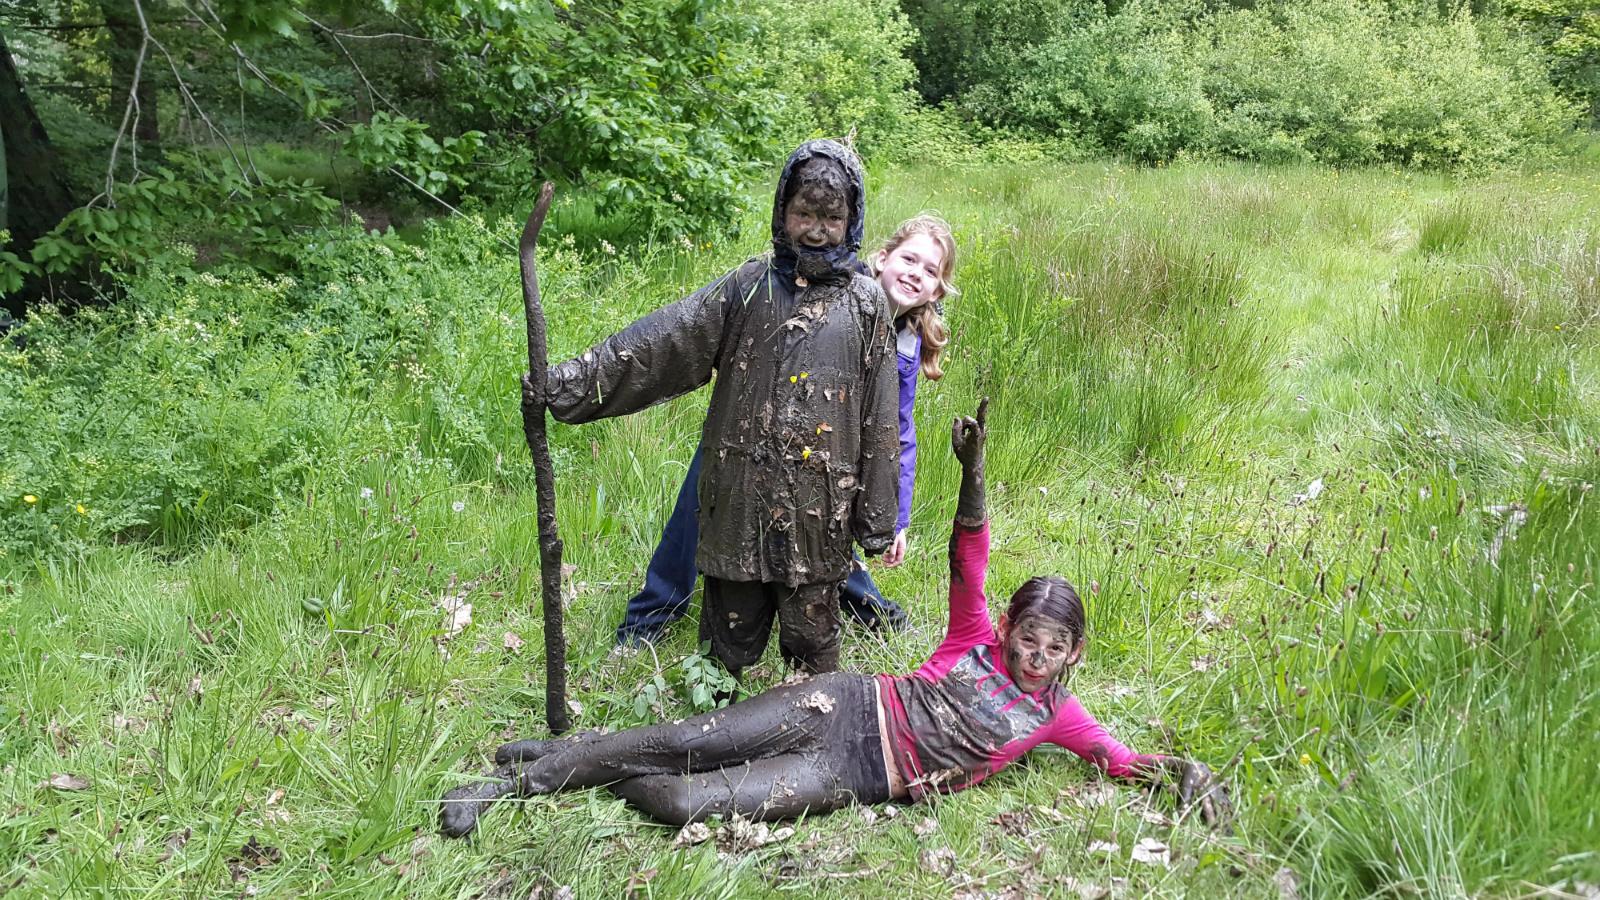 放課後での遊びを楽しむフィンランドの子どもたち